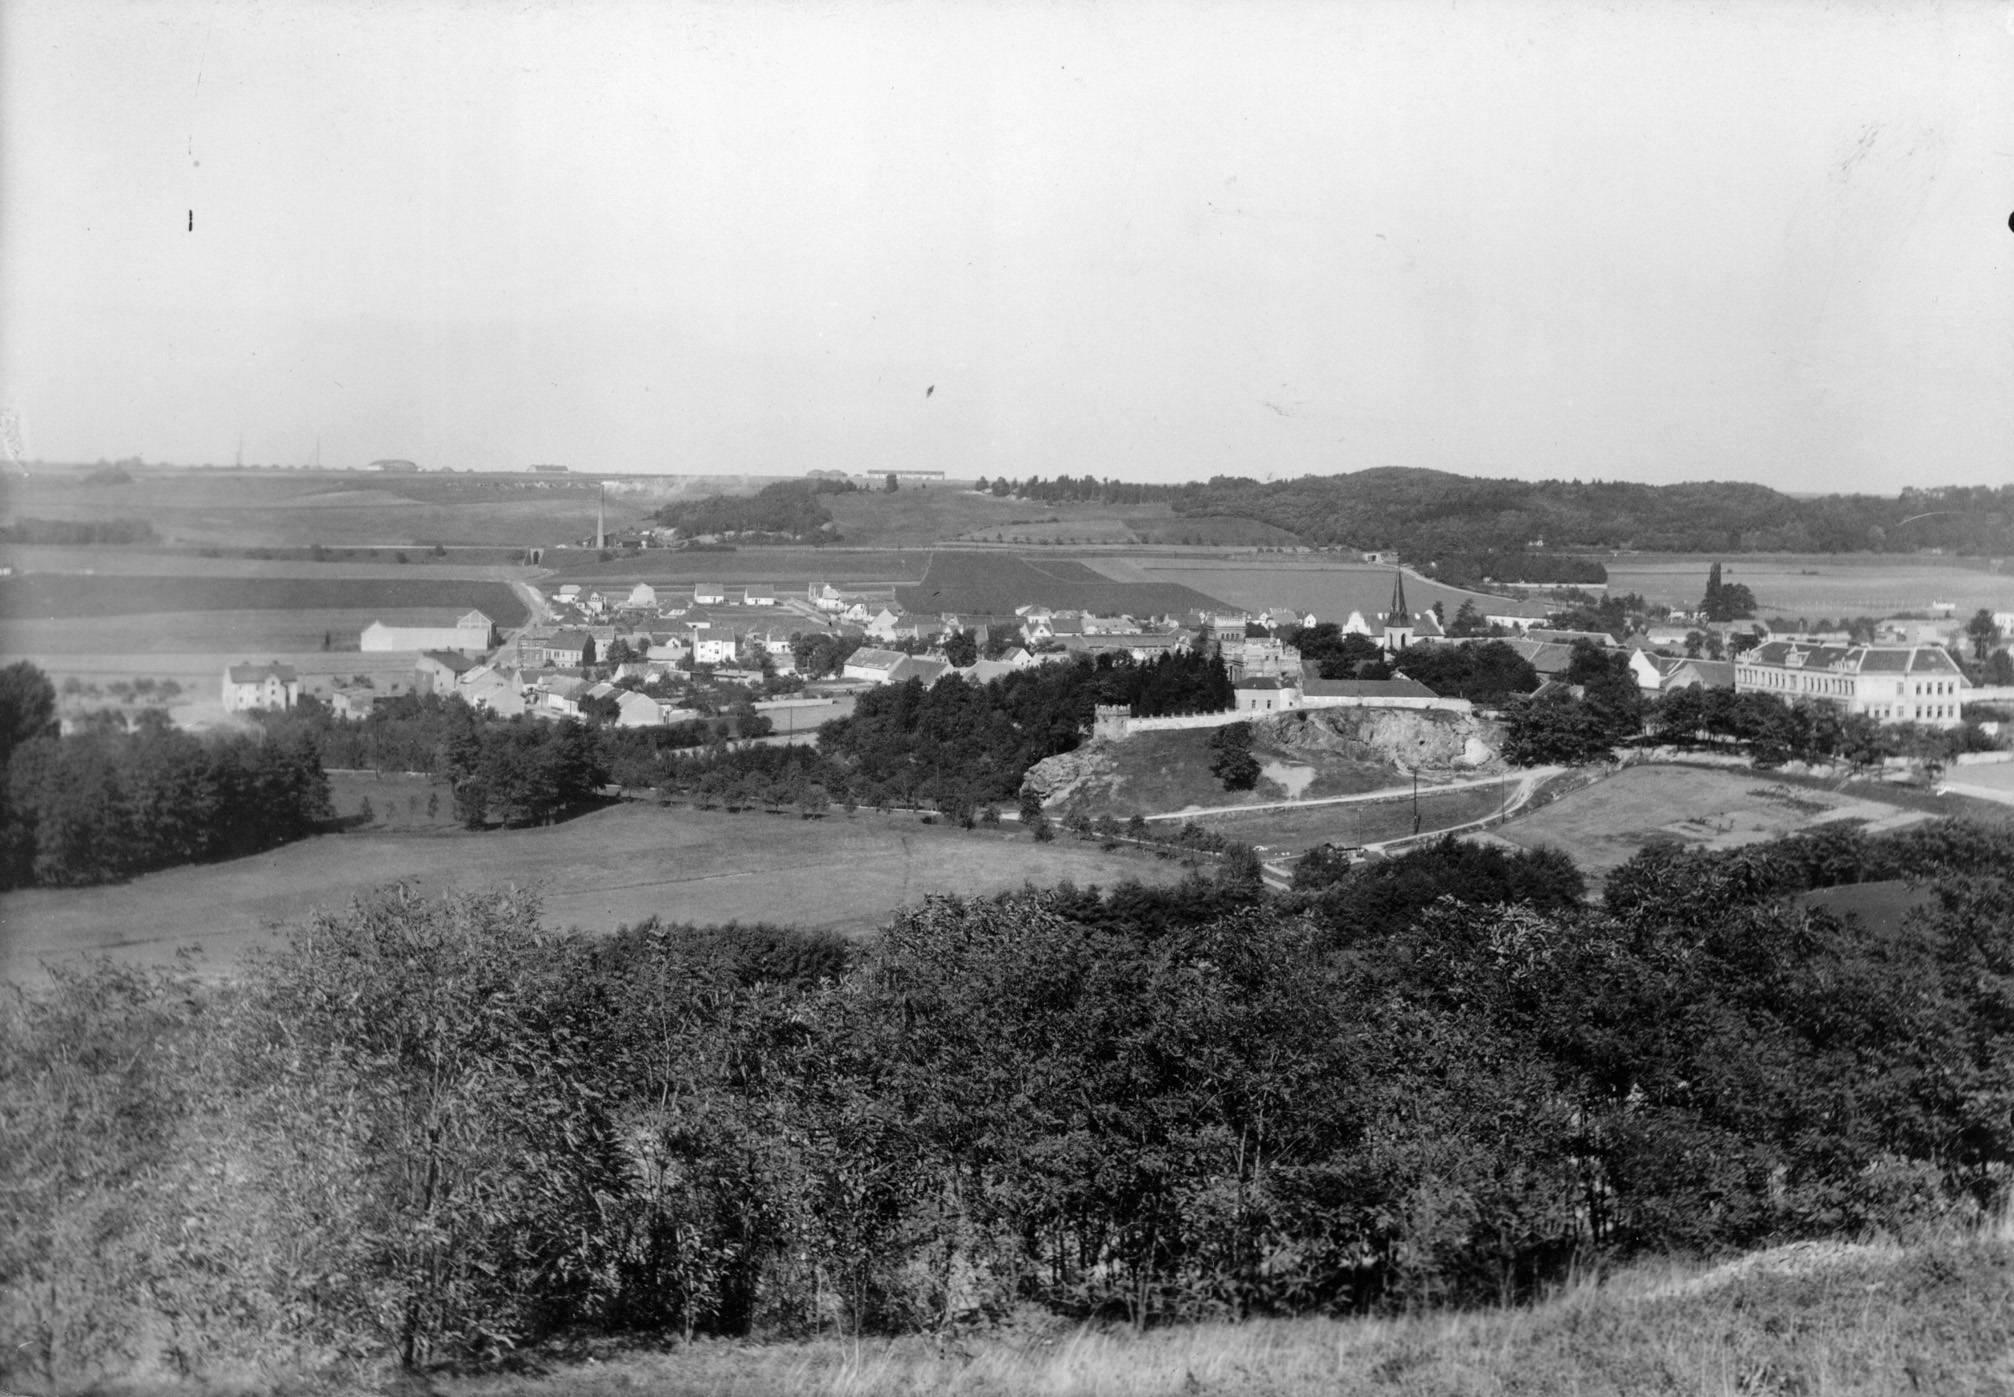 Naprosto idylický pohled na starý Hloubětín v roce 1927, tehdy ještě vesnici na okraji rozrůstající se Velké Prahy. - popisky sepsal architekt Petr Kučera